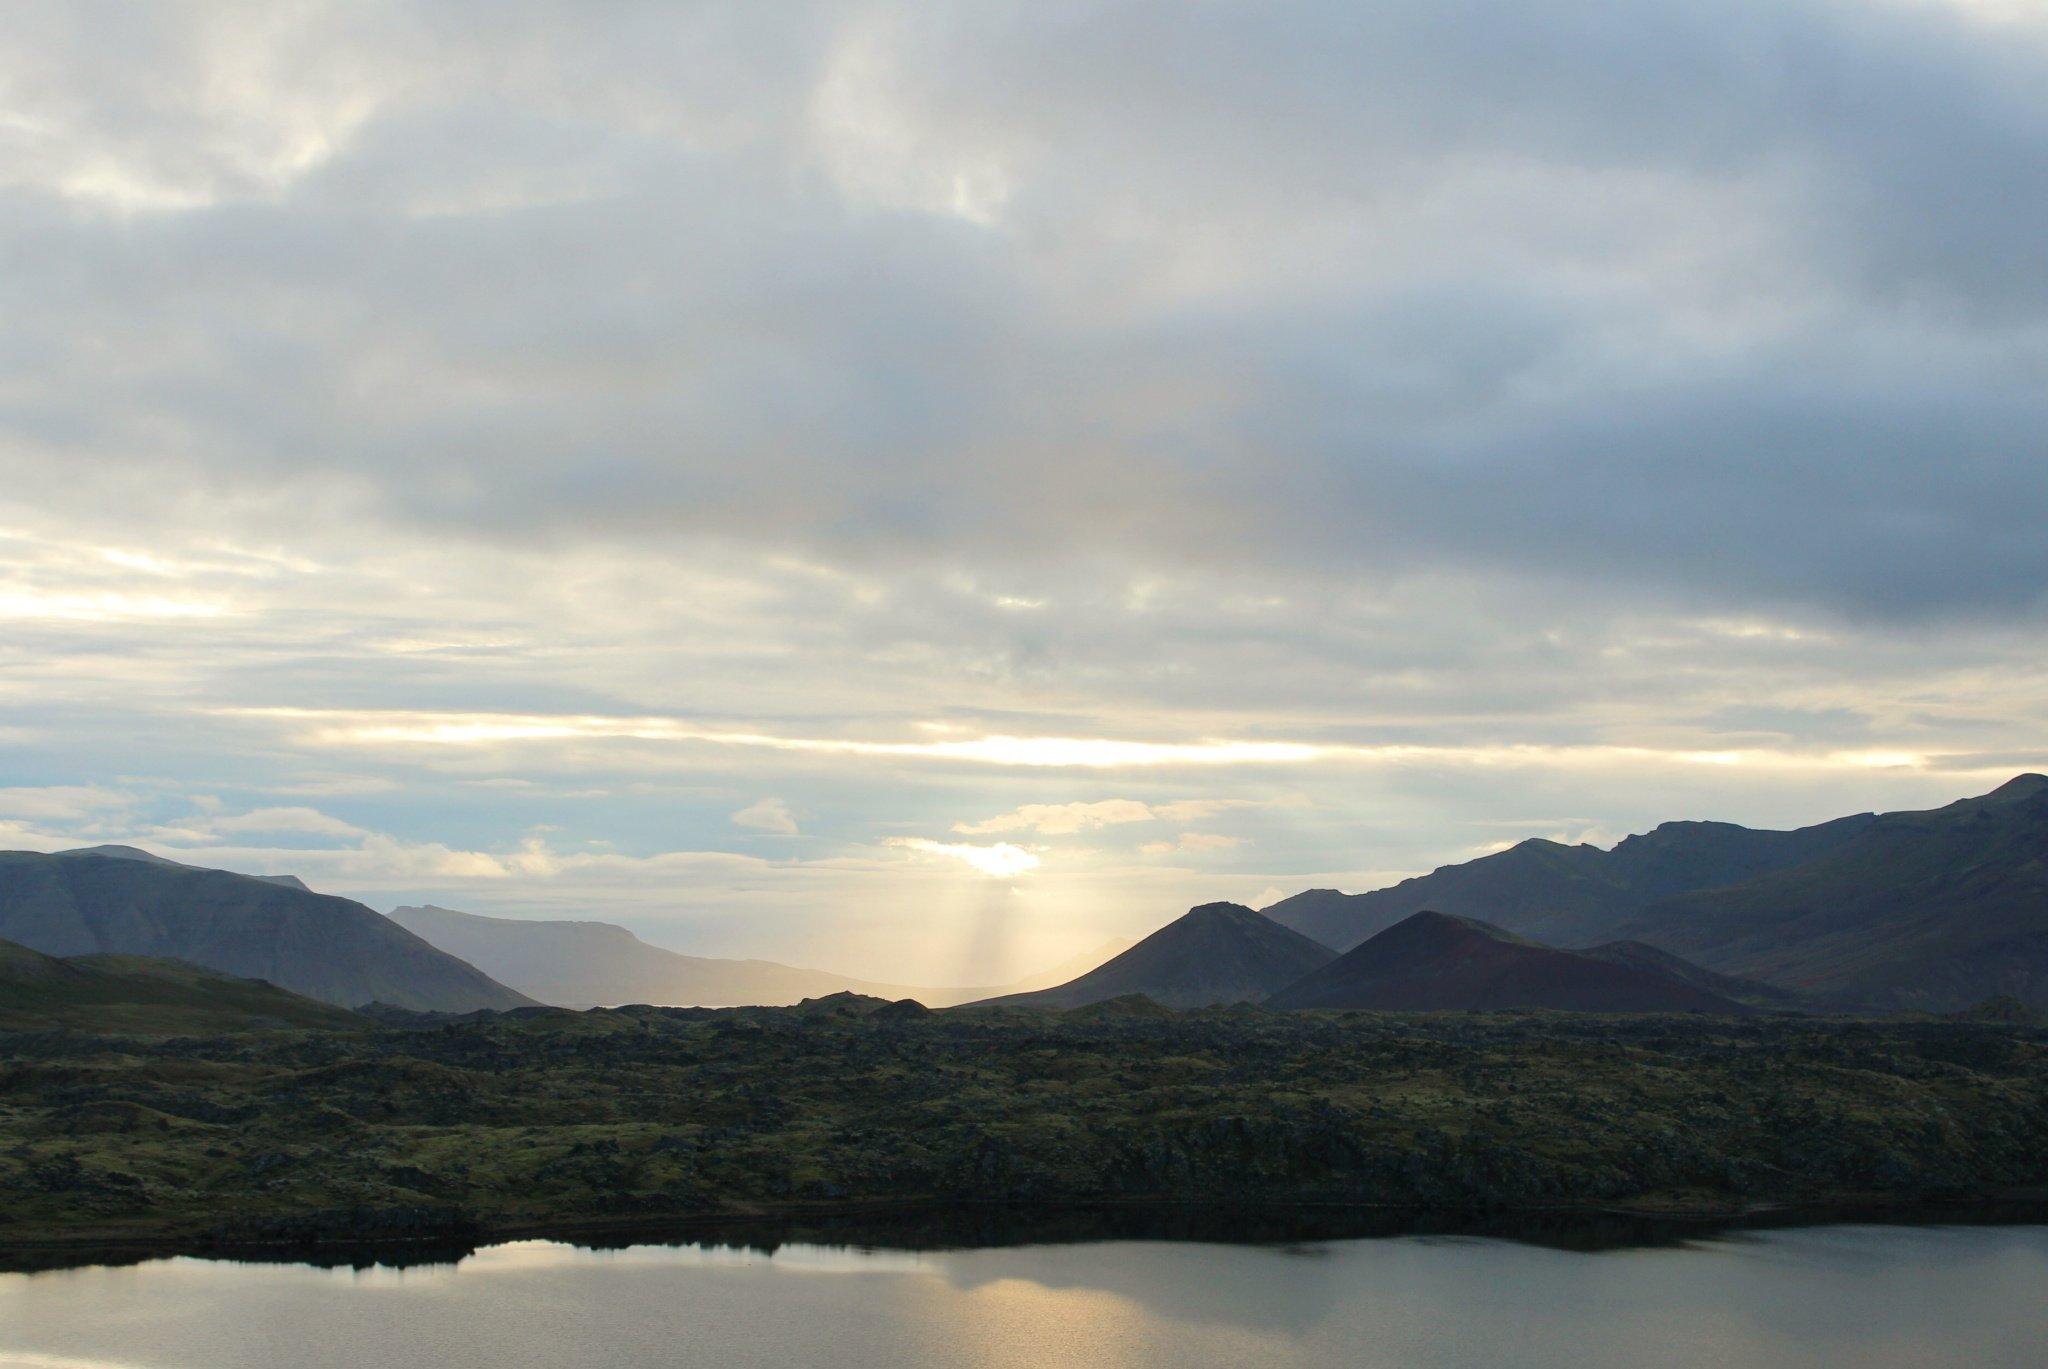 golden sunset in Iceland